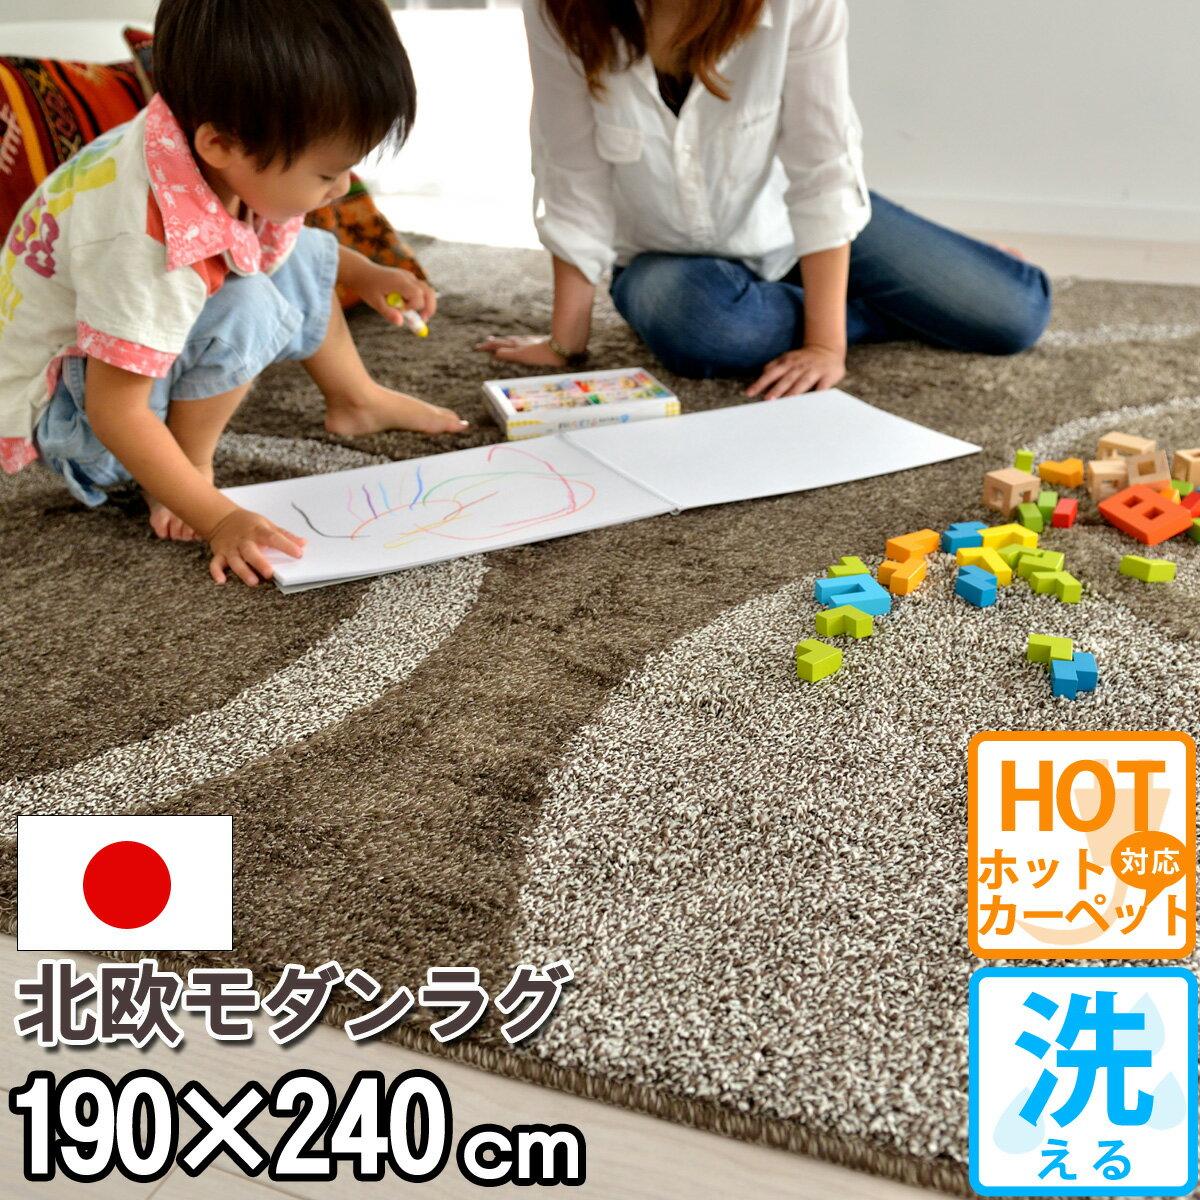 カーペット 床暖対応 ラグ 洗える 約3畳 アレルギー対策 おしゃれ ホットカーペット対応 ミックス モダン リビング 北欧 なかね家具 オールシーズン 防ダニ 柄 シャギー 赤ちゃん 日本製 茶色 マット 激安 サークル ペット 絨毯 抗菌 ブラウン 190×240 ビジャウ(R-0111905)